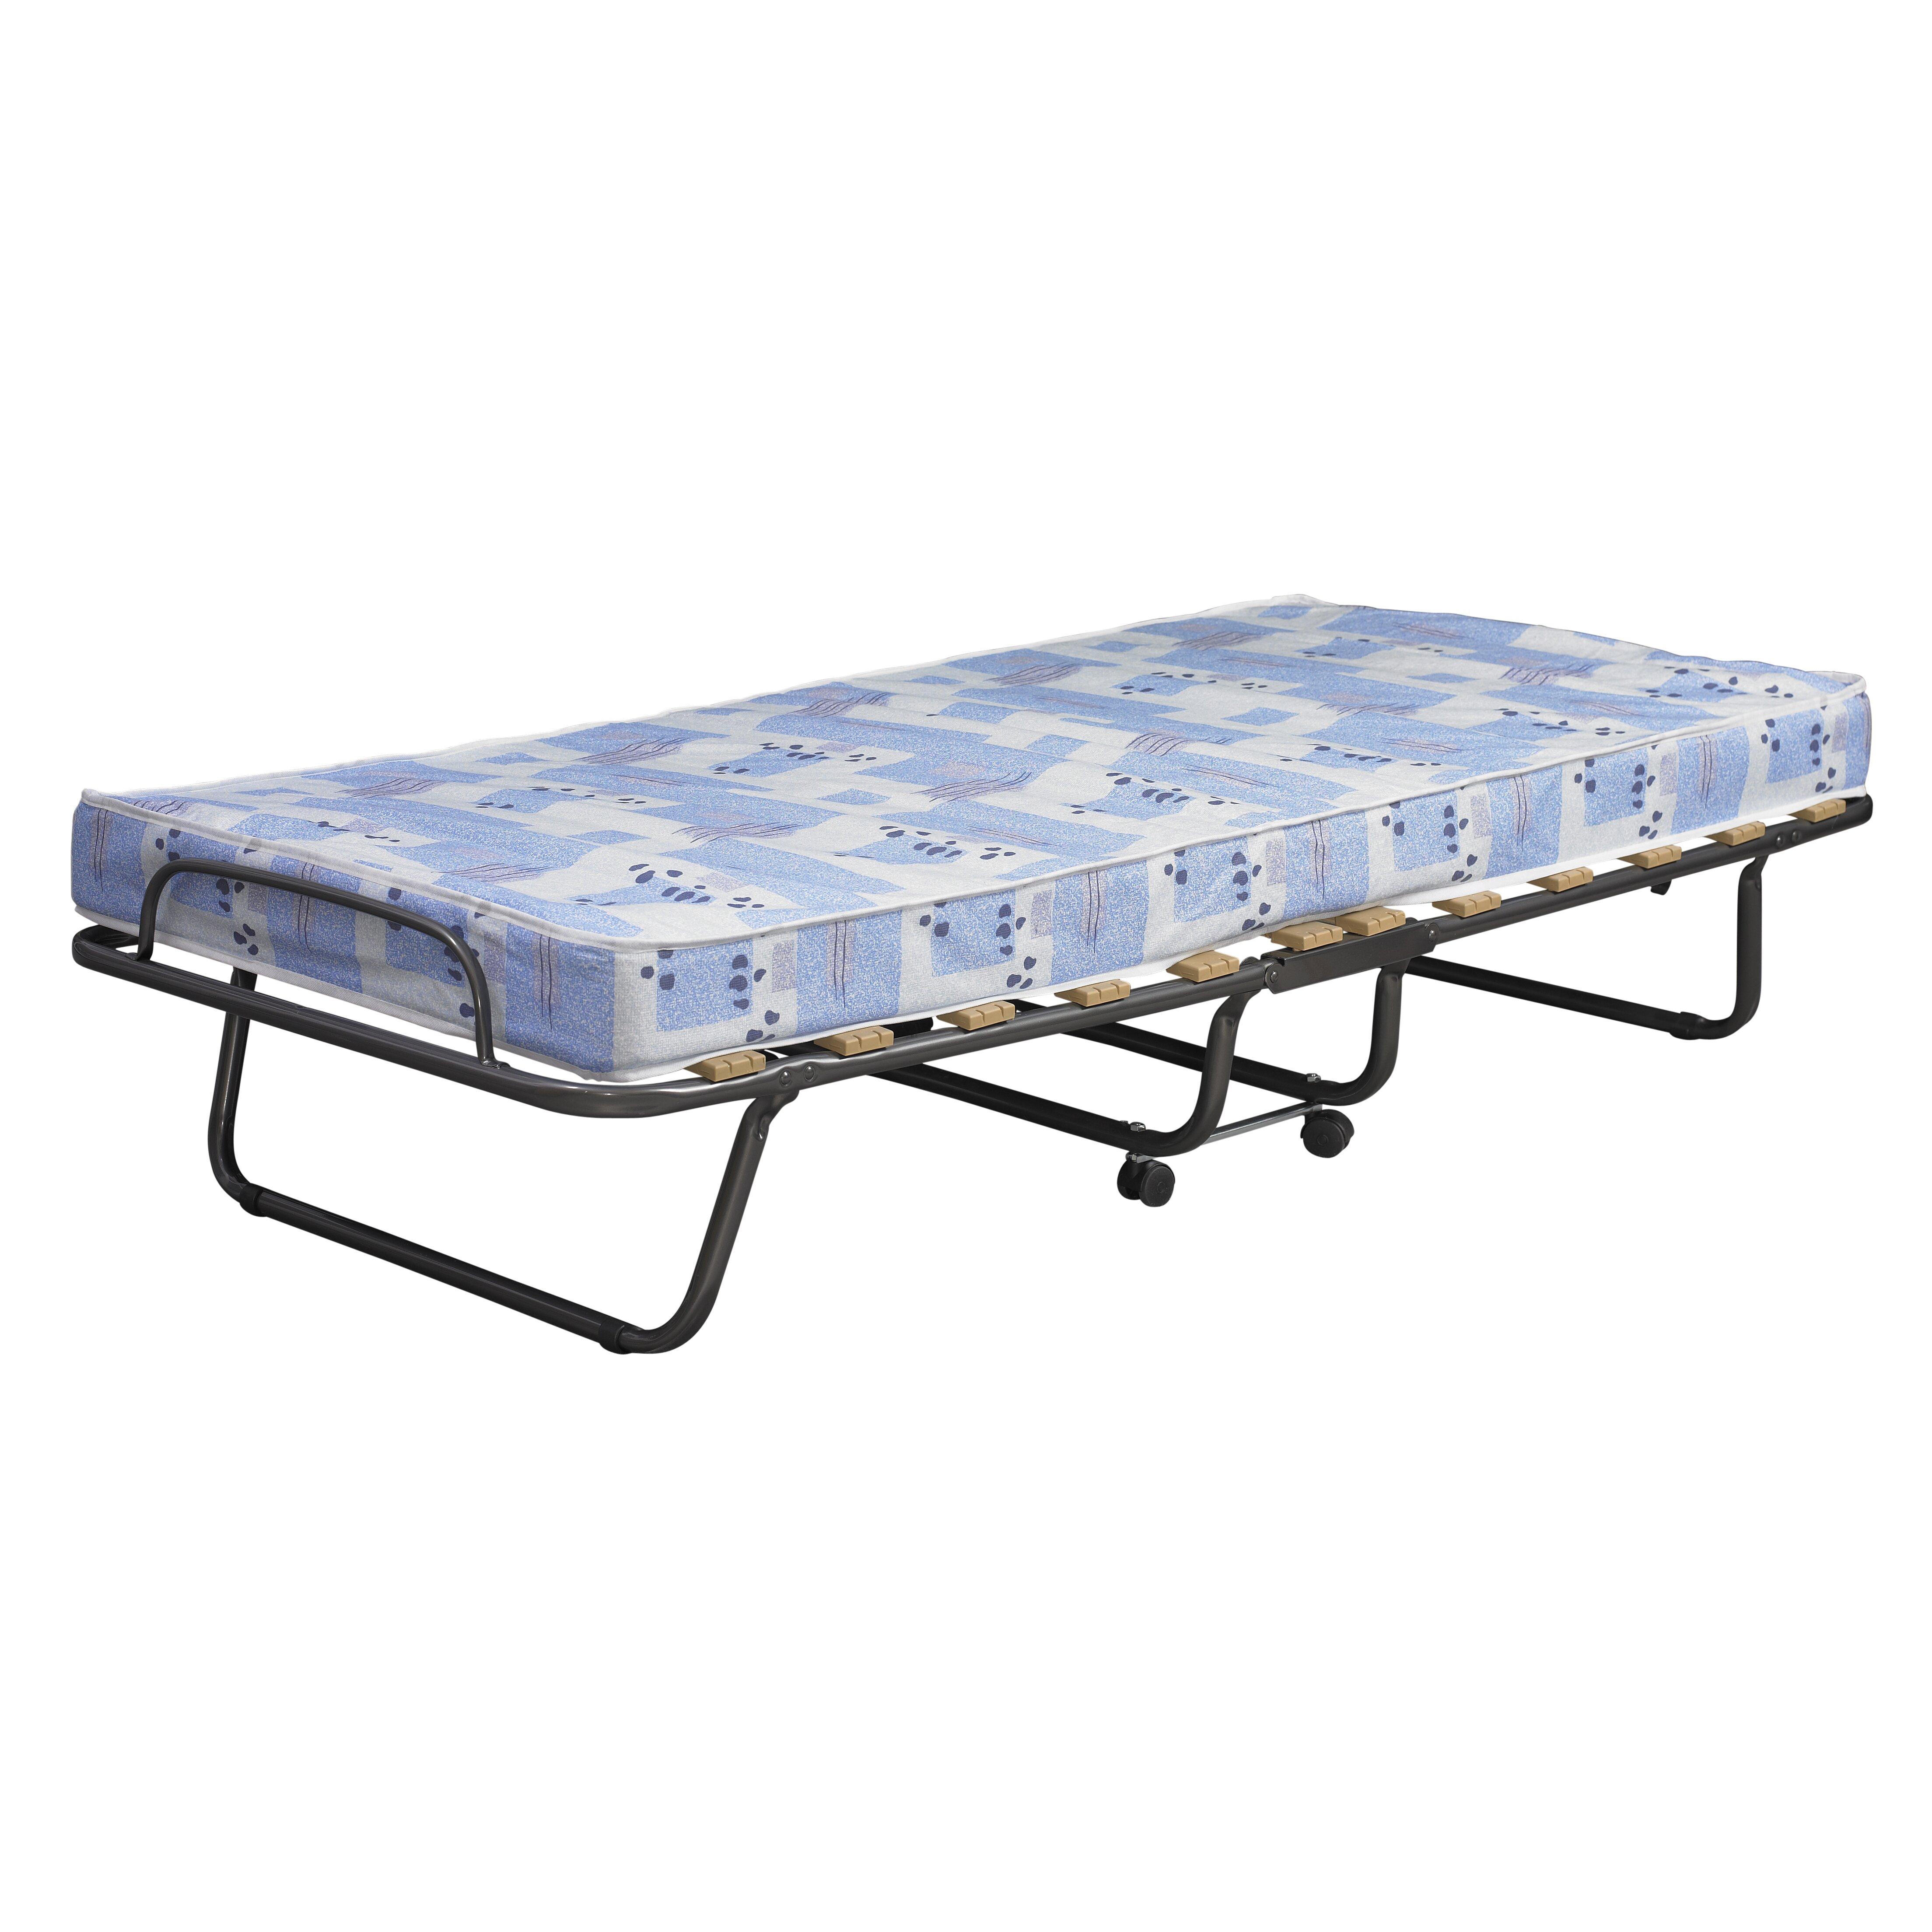 Folding Beds Reviews : Linon folding bed reviews wayfair